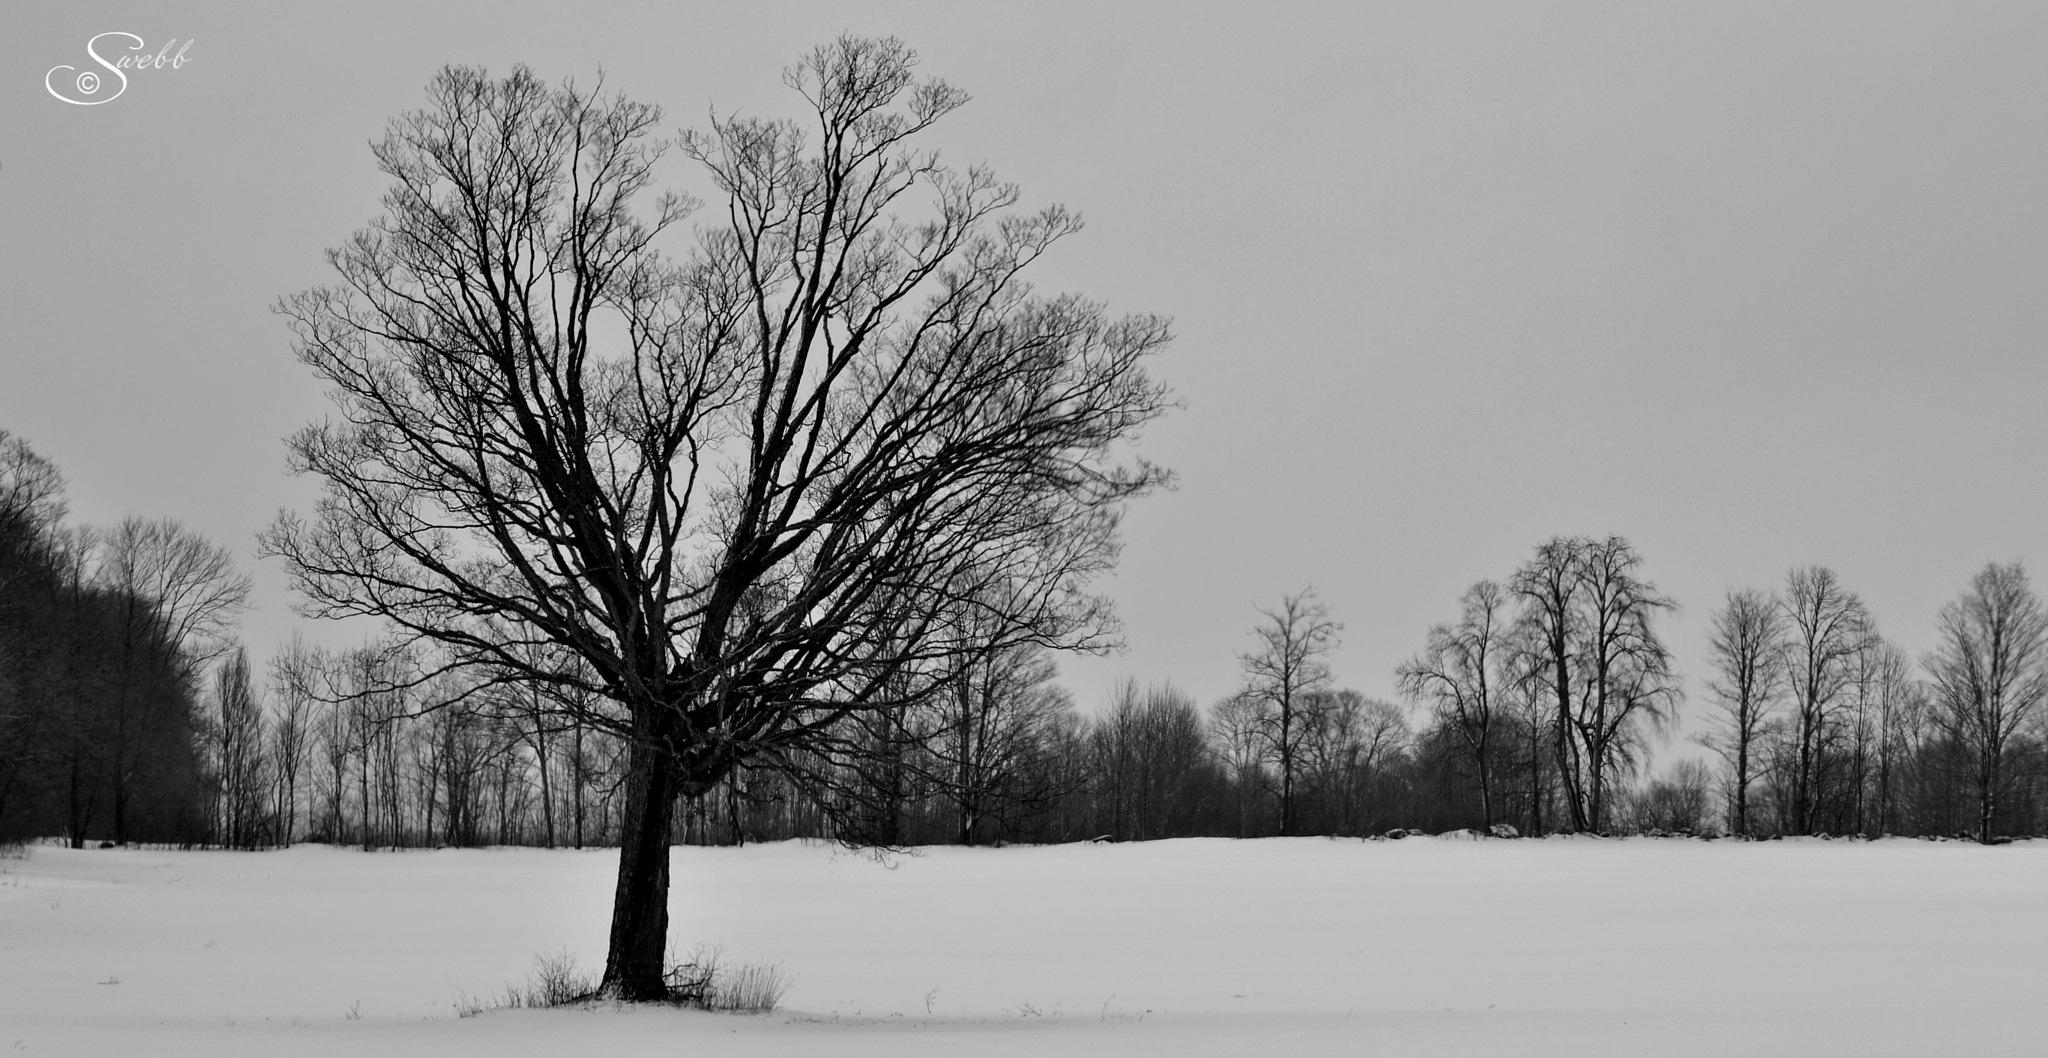 Winter by Steve Webb